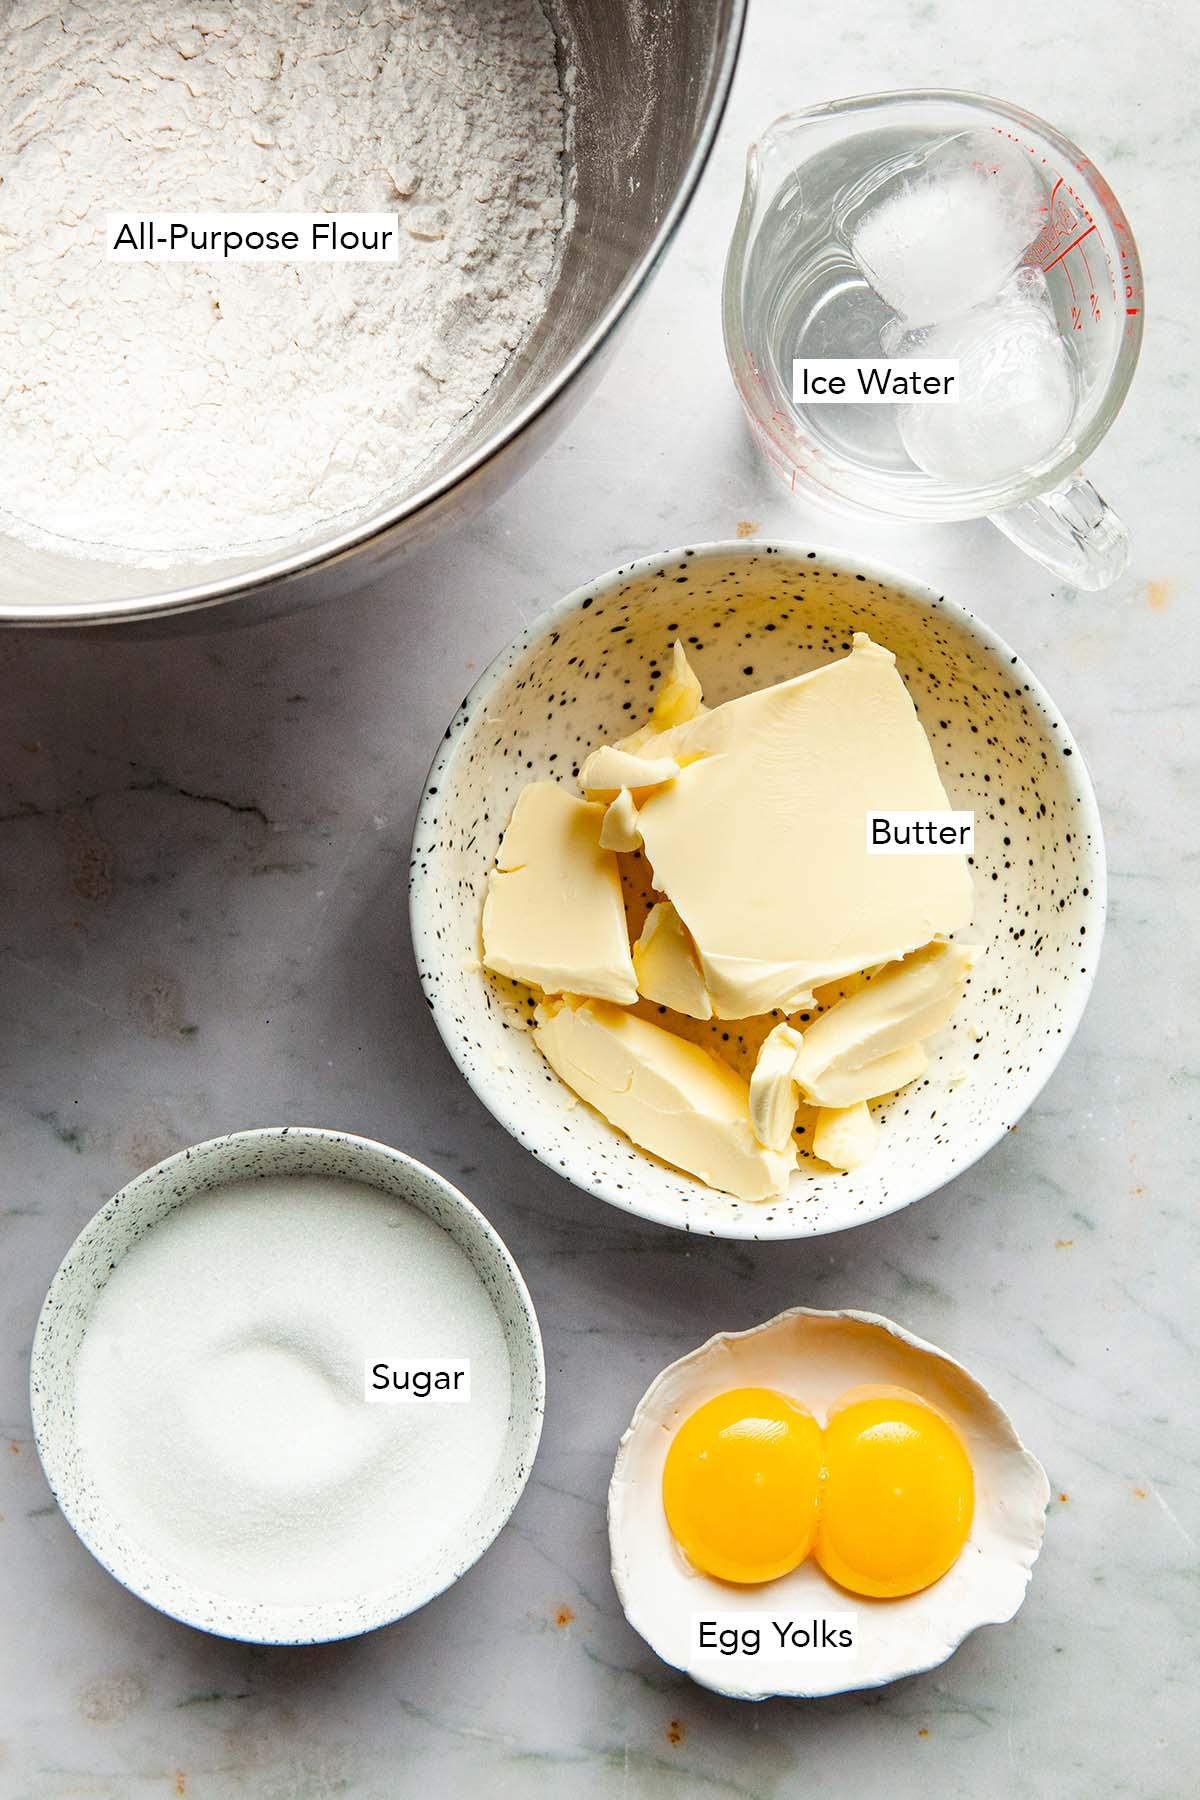 Pâte Sucrée ingredients.